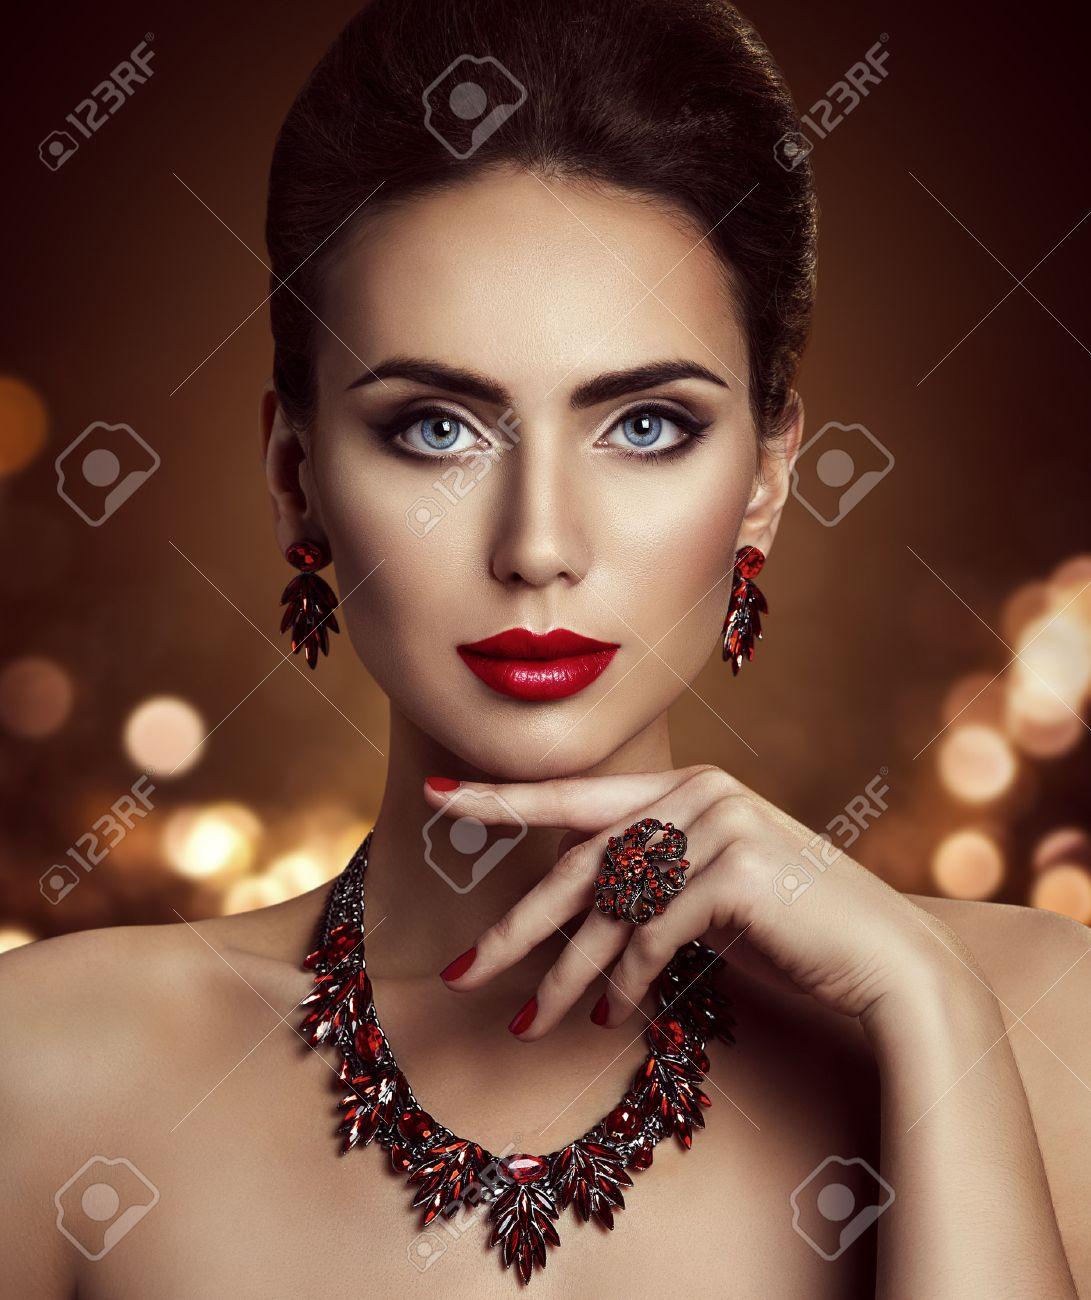 Fashion Model Beauty Makeup and Jewelry, Elegant Woman Beautiful..